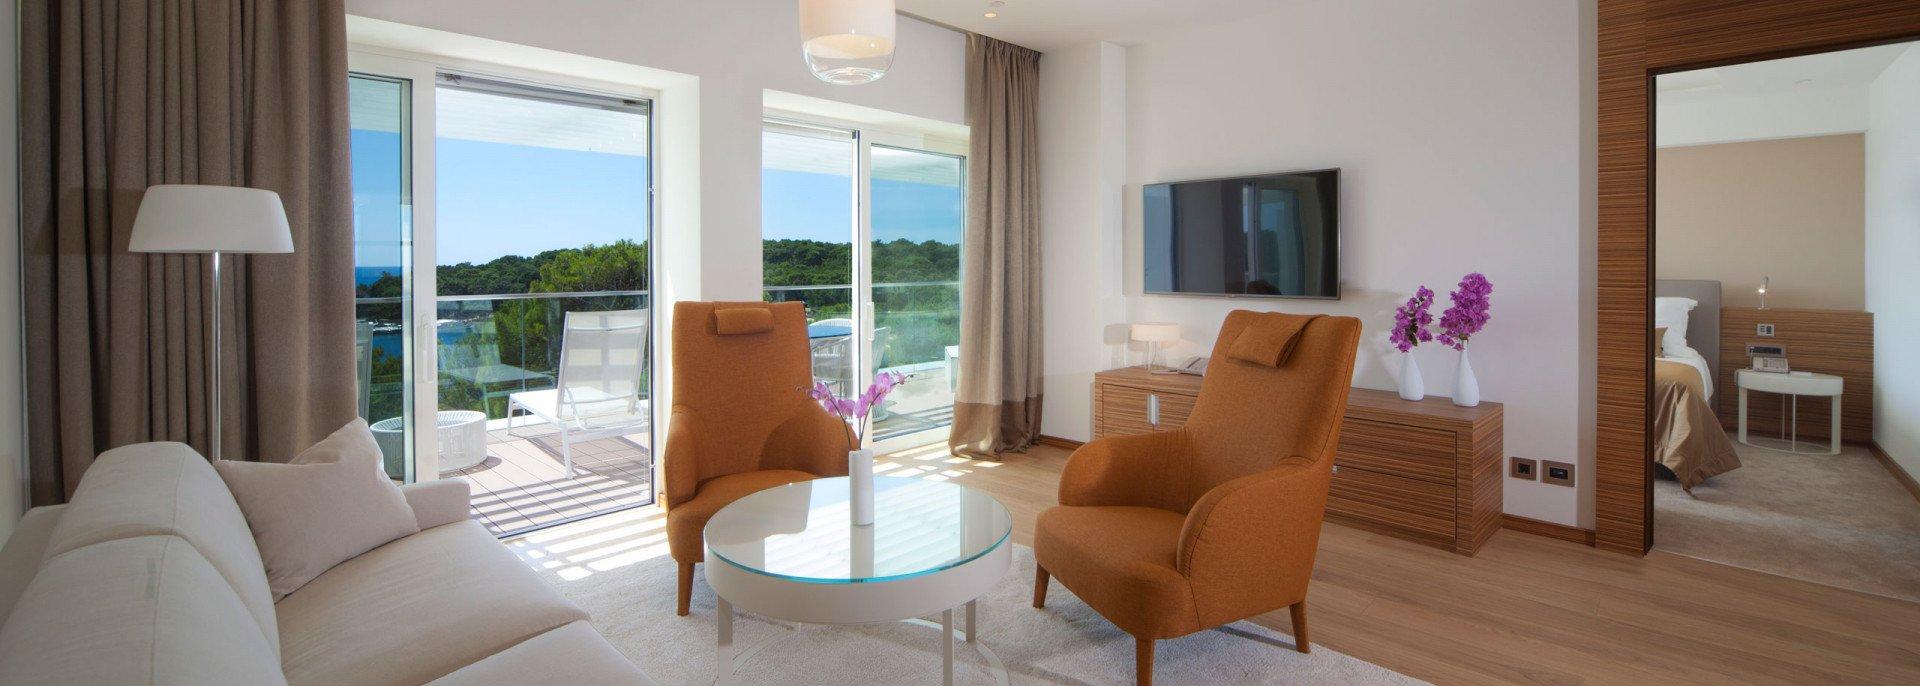 https://www.losinj-hotels.com/assets/Bellevue/Rooms-Suites/_resampled/CroppedFocusedImageWyIxOTIwIiwiNjg2IiwieSIsMjU3XQ/Bellevue-suite2.jpg